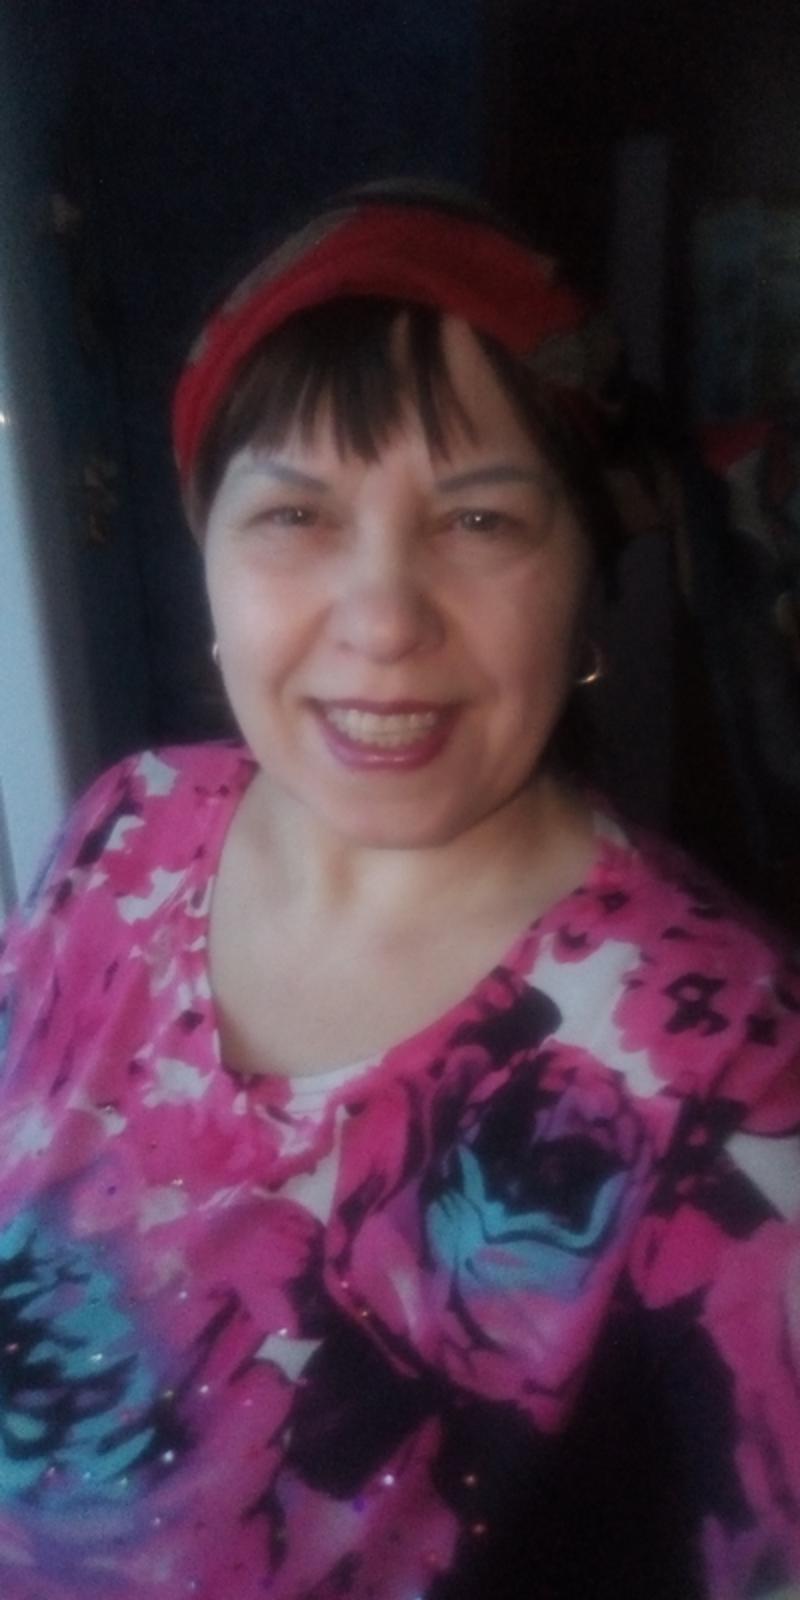 Секс знакомства в новосибирске без регистрации с телефонами секс знакомства женщин барнаул